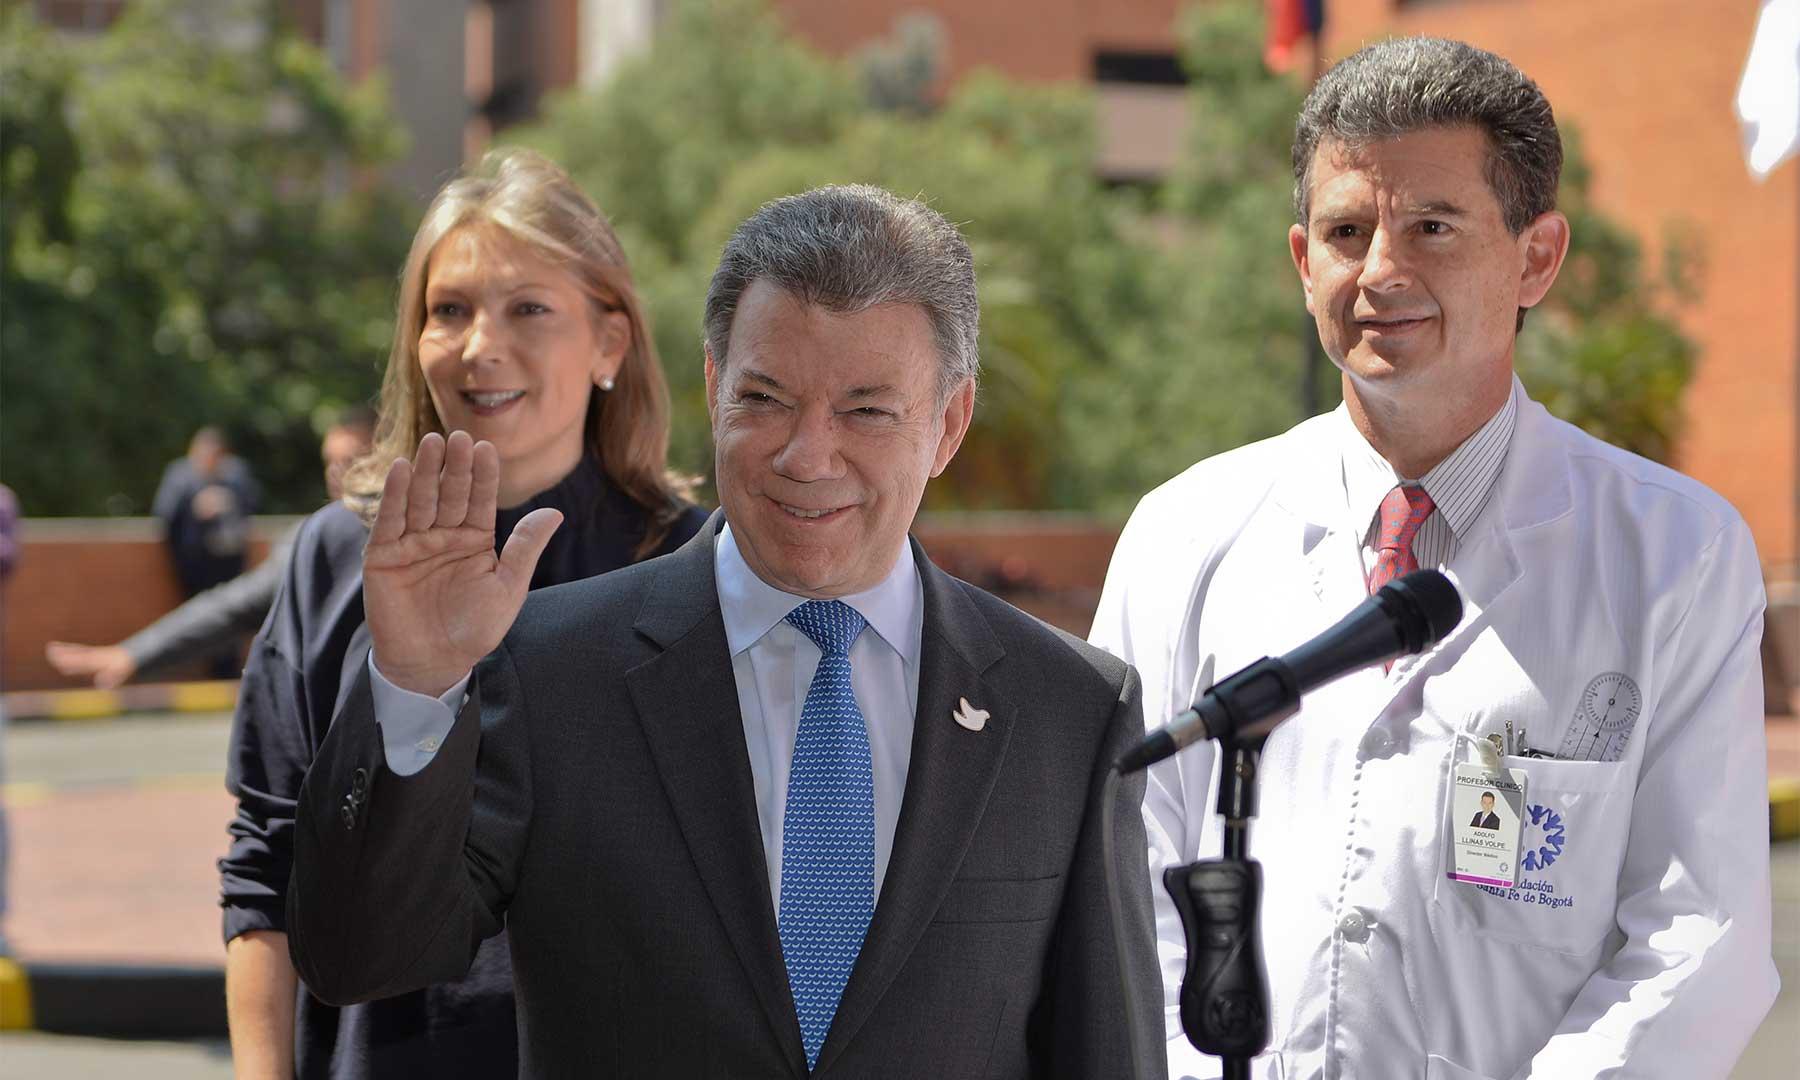 El Presidente Juan Manuel Santos, acompañado por su esposa María Clemencia Rodríguez, saluda a los periodistas en el Hospital Universitario Fundación Santa Fe de Bogotá.